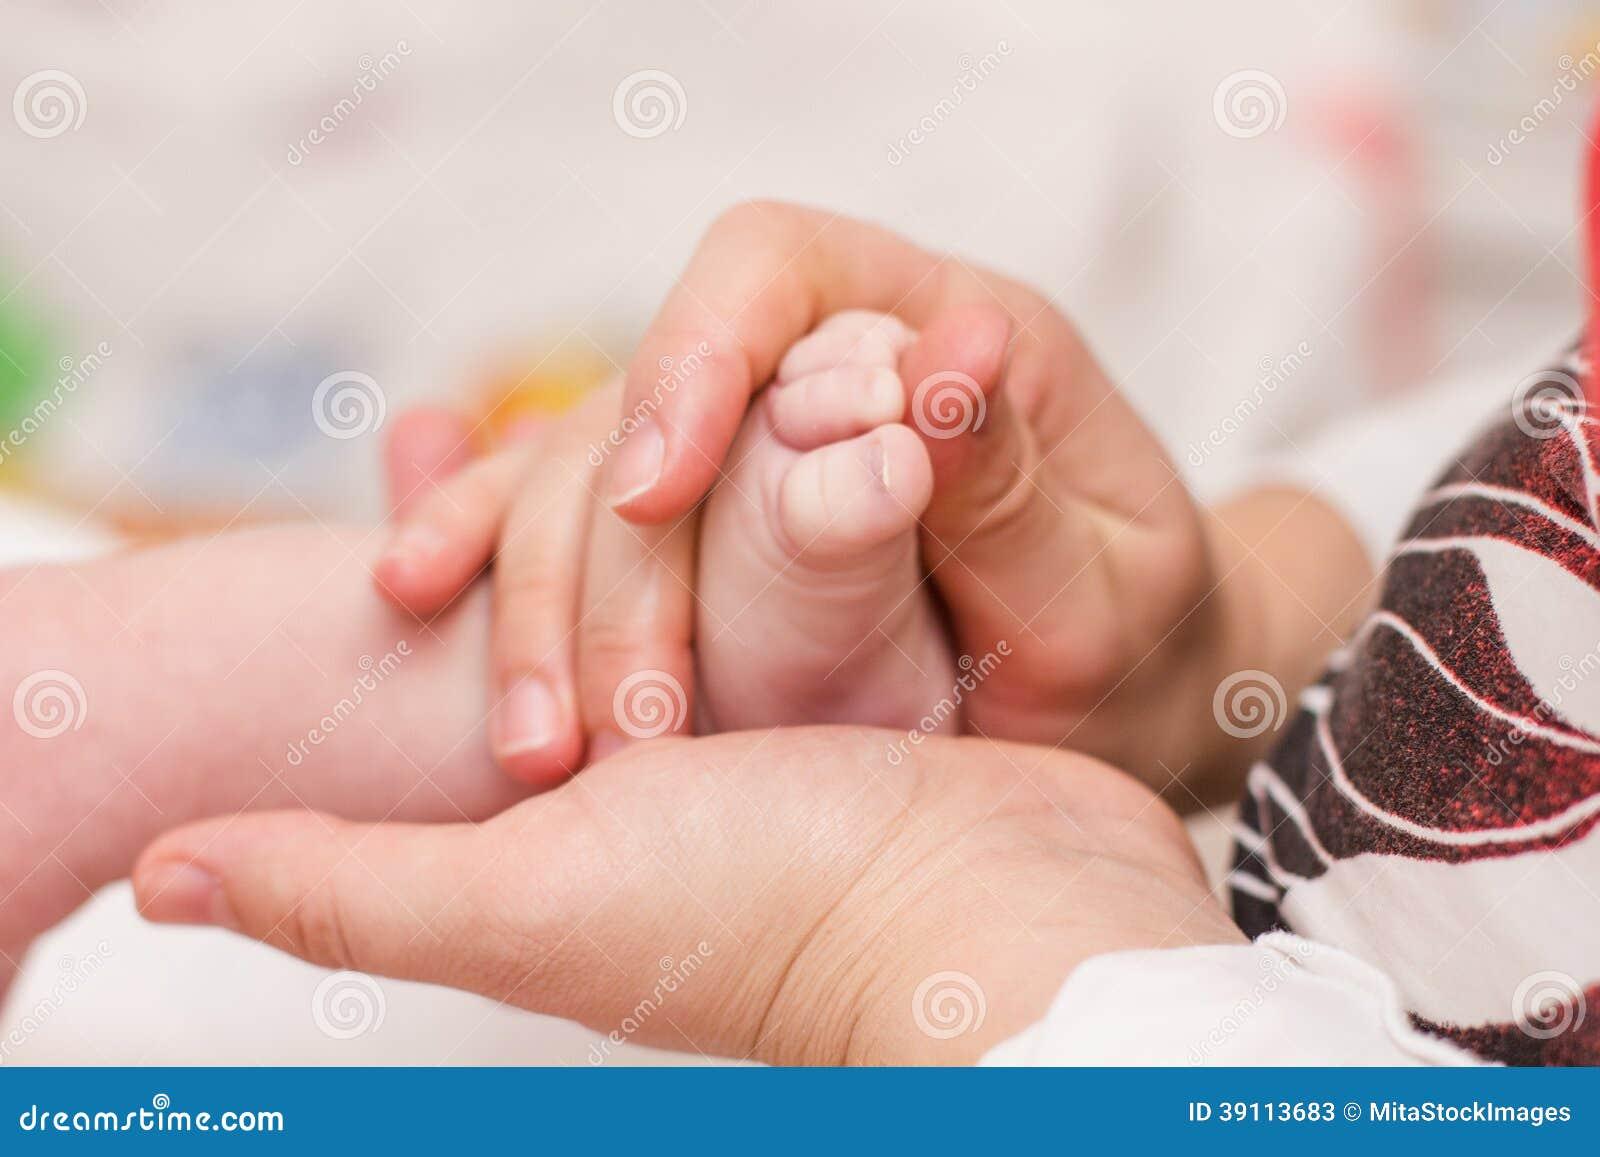 Het masseren van pasgeboren babyvoeten